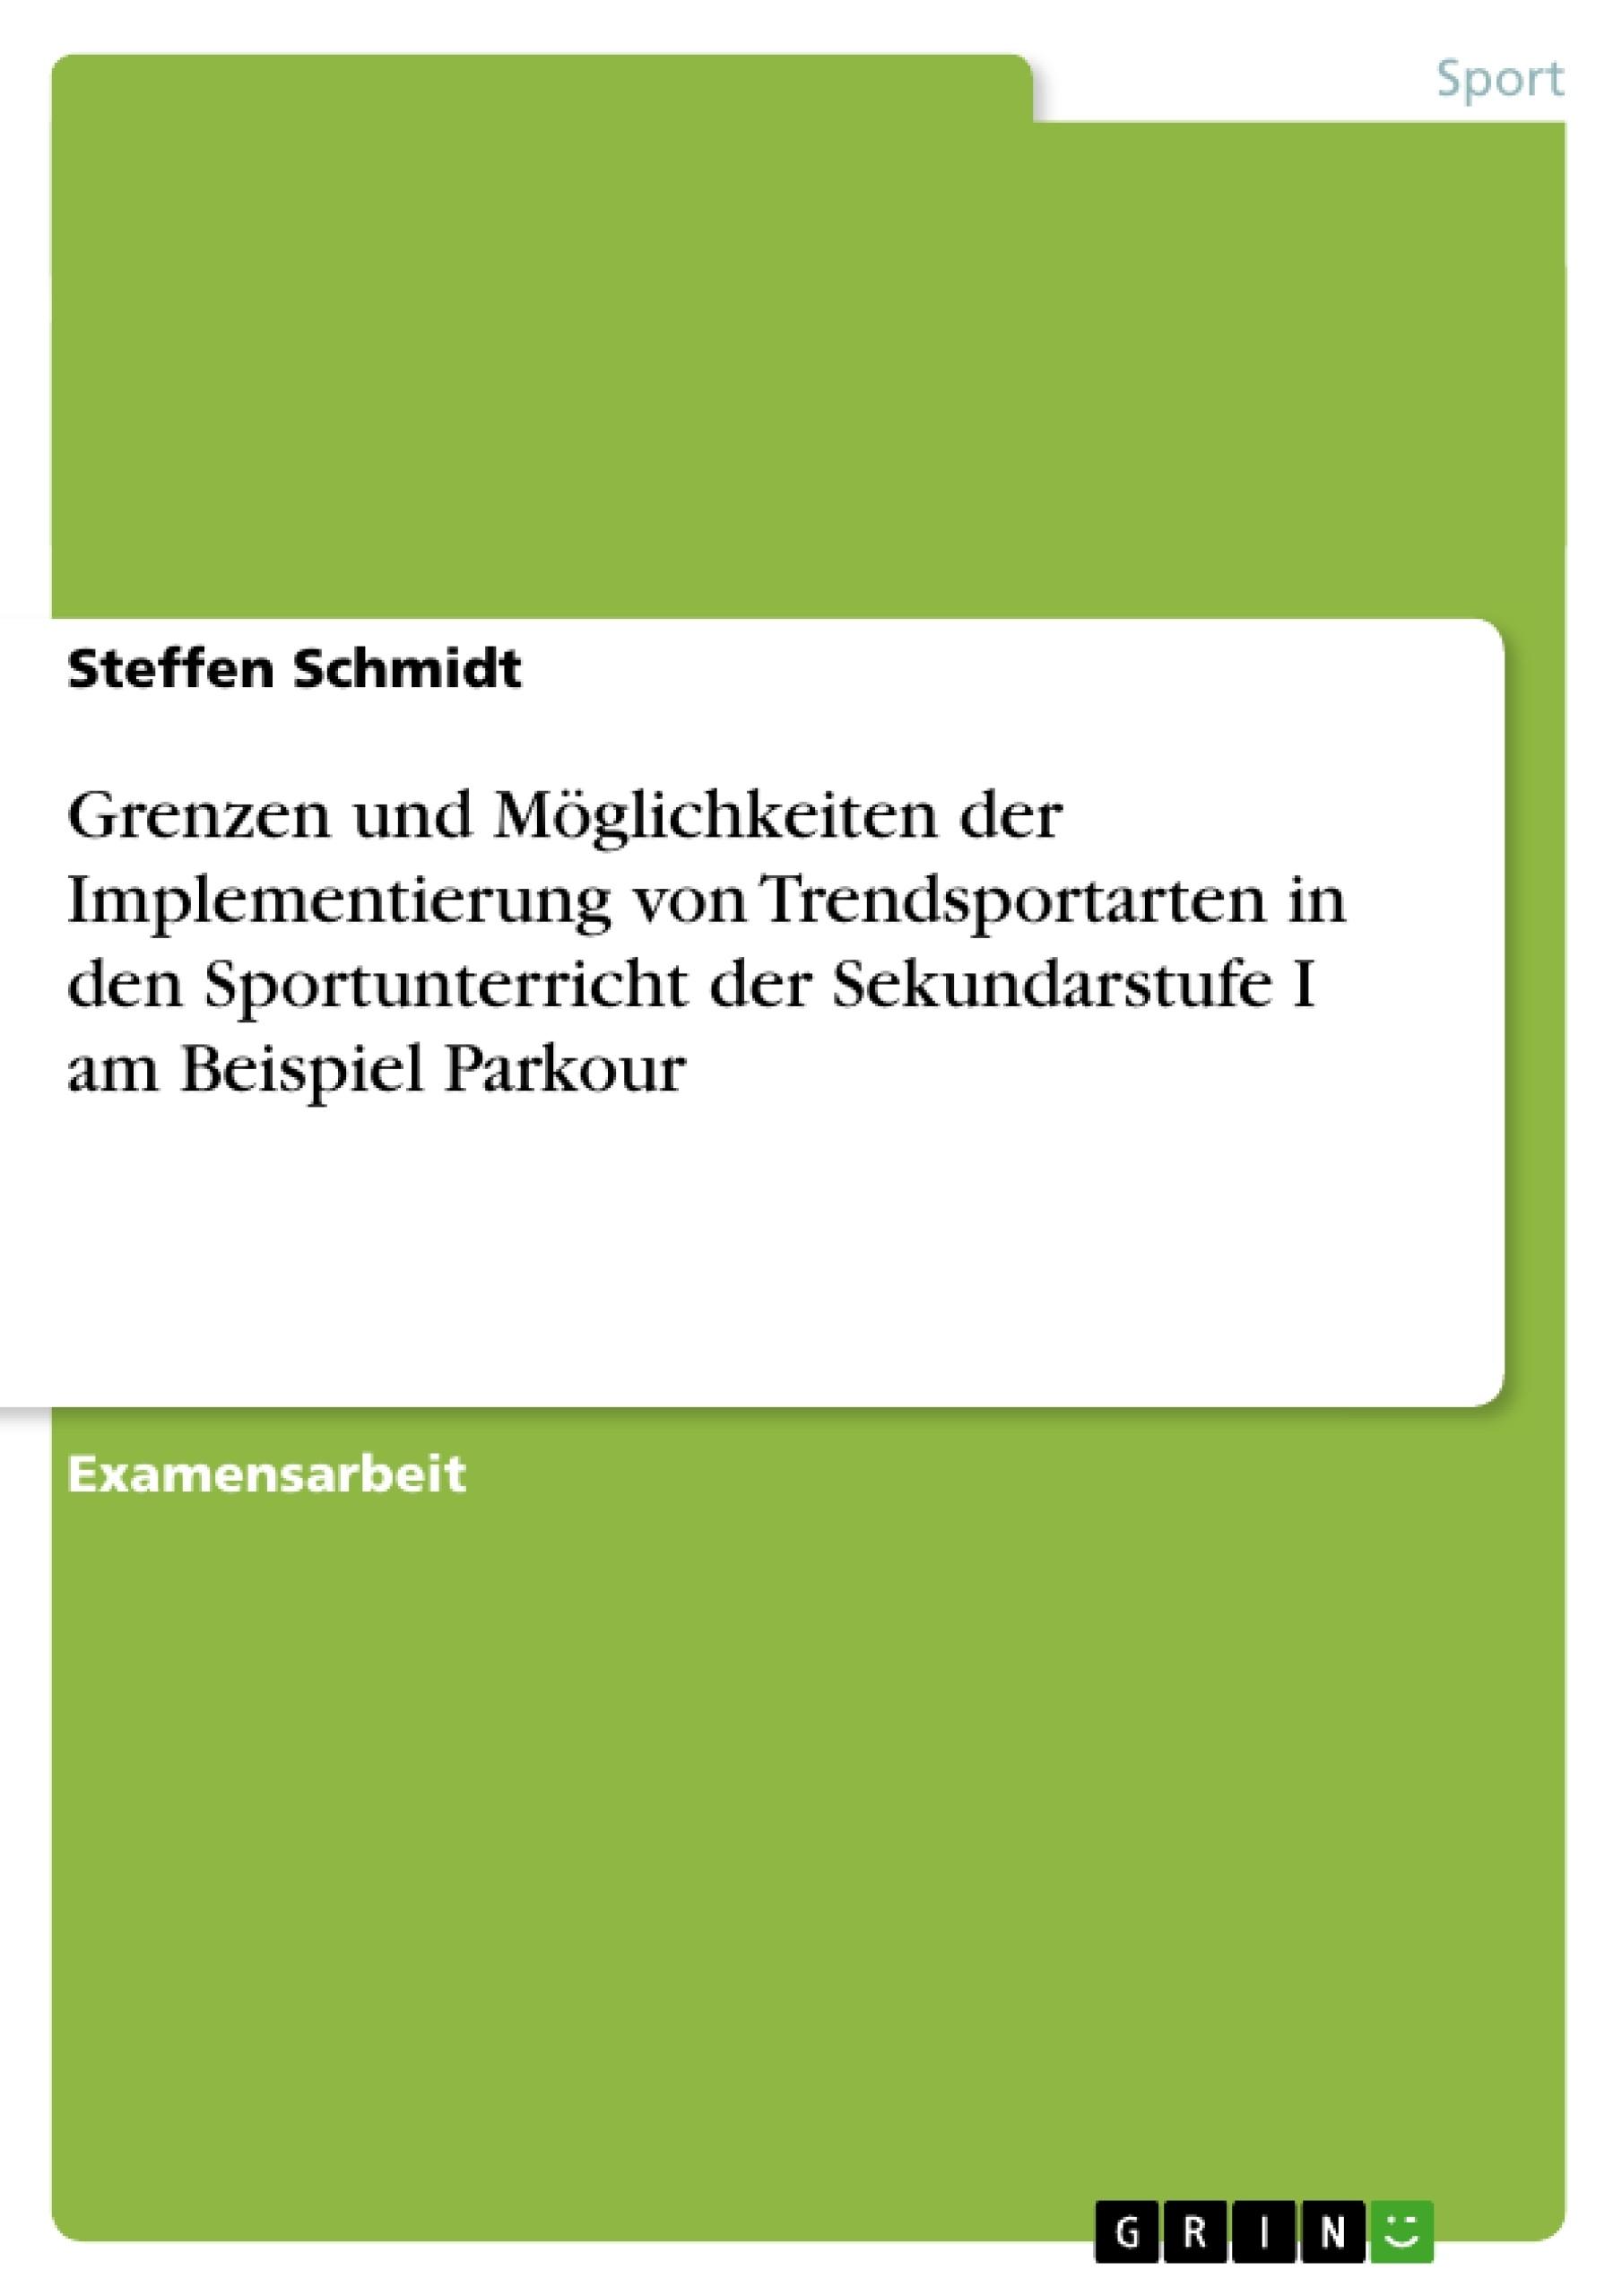 Titel: Grenzen und Möglichkeiten der Implementierung von Trendsportarten in den Sportunterricht der Sekundarstufe I am Beispiel Parkour